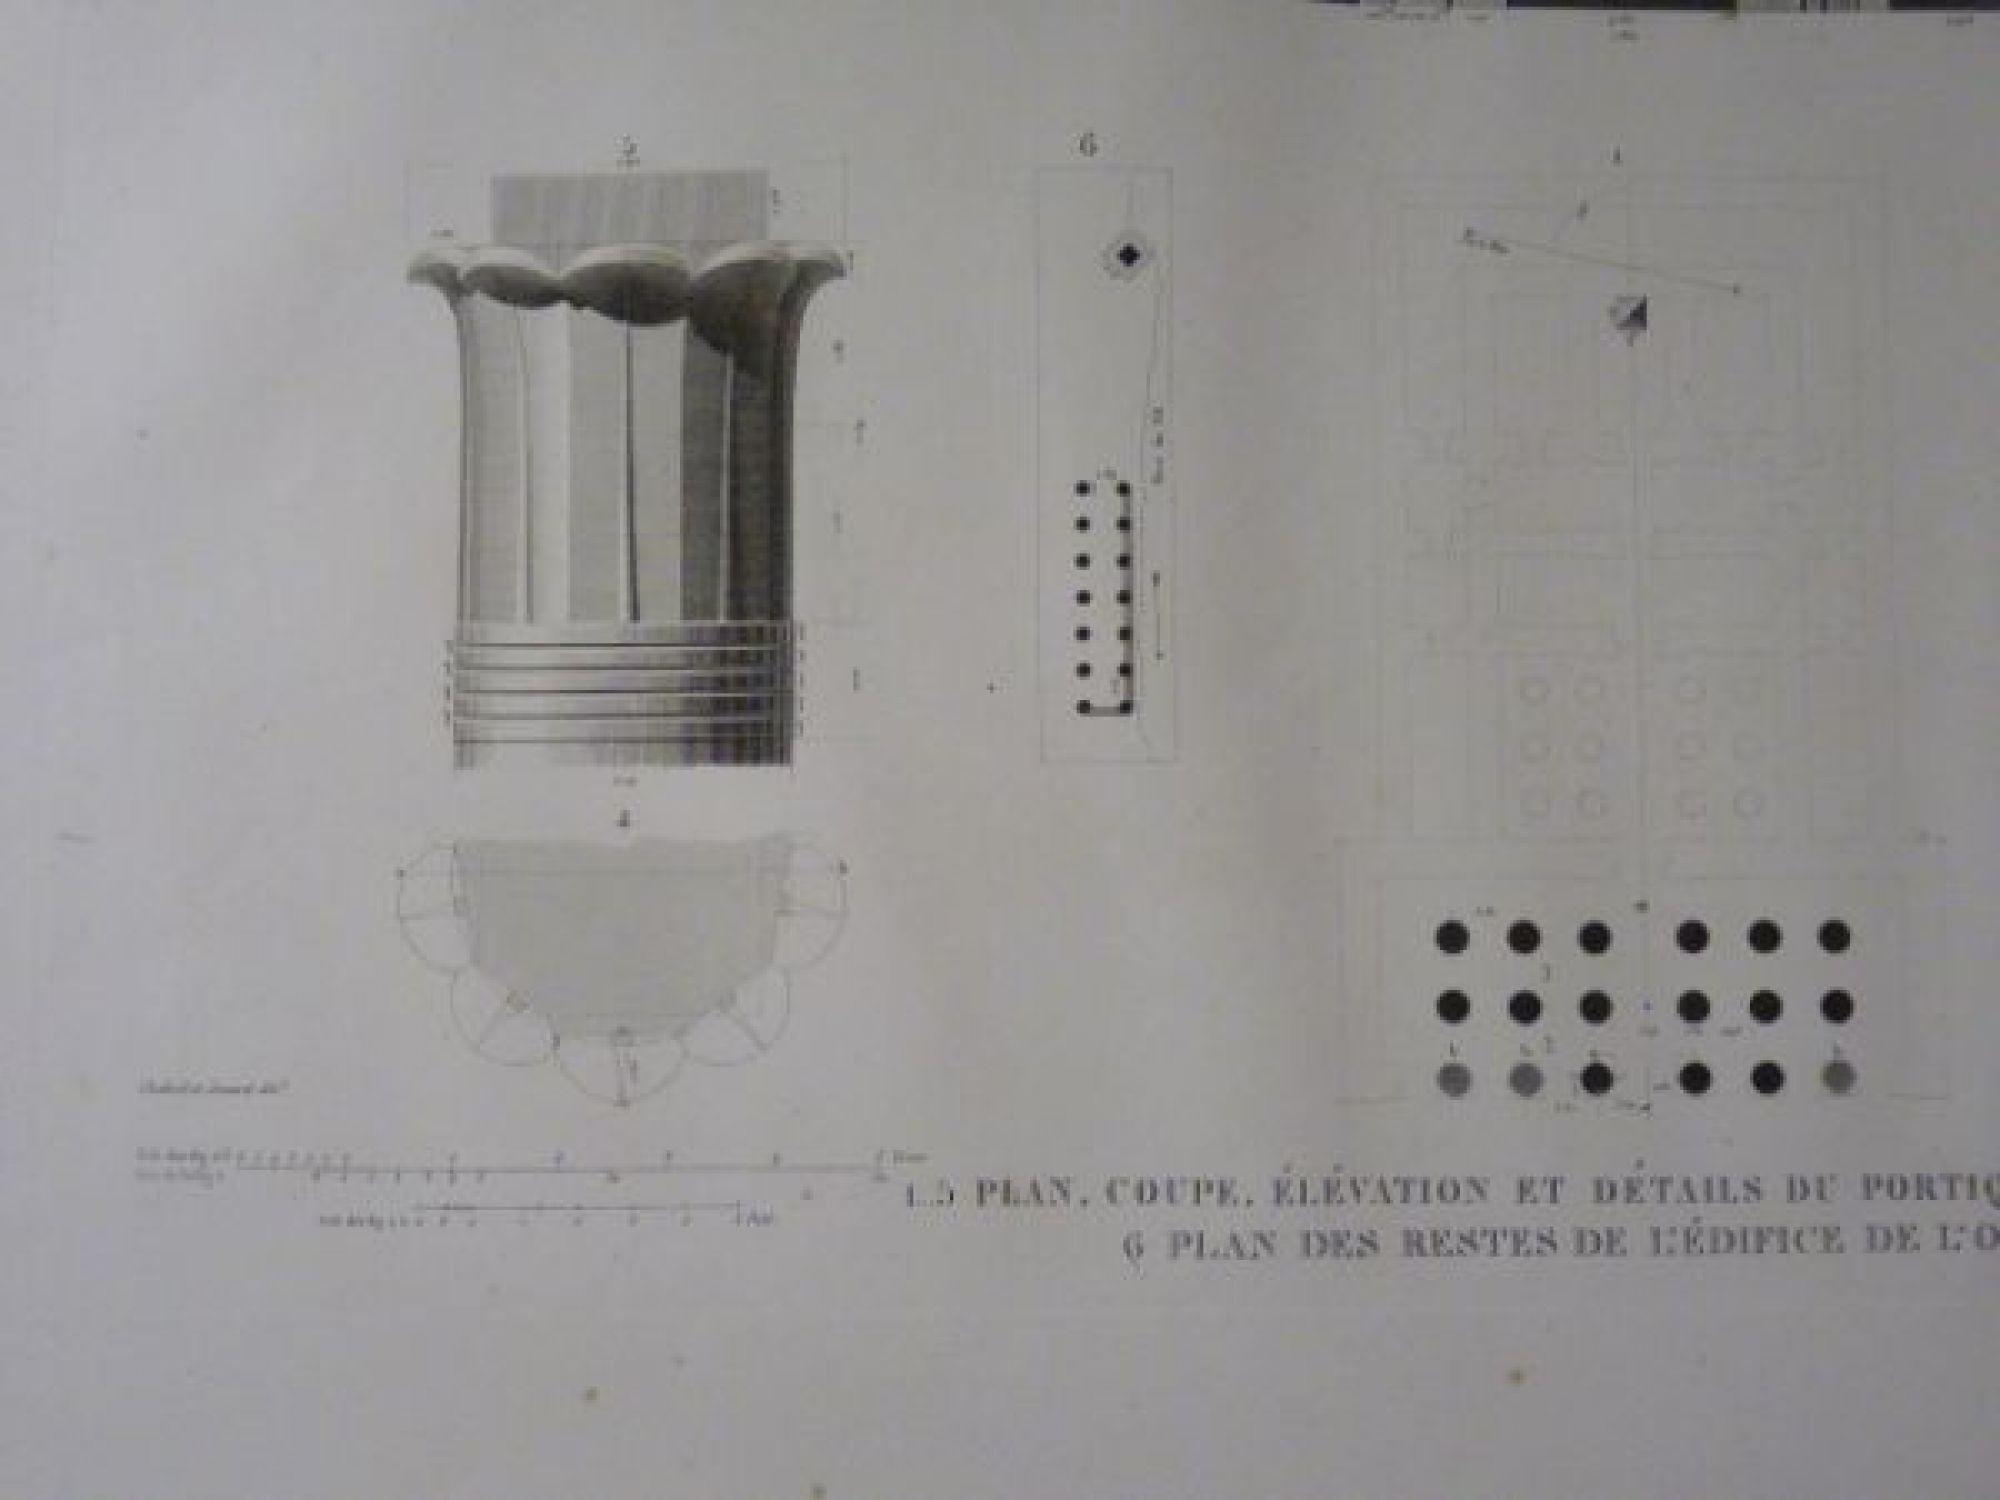 Elevation Plan Description : Description de l egypte q ou el kebyreh antaeopolis